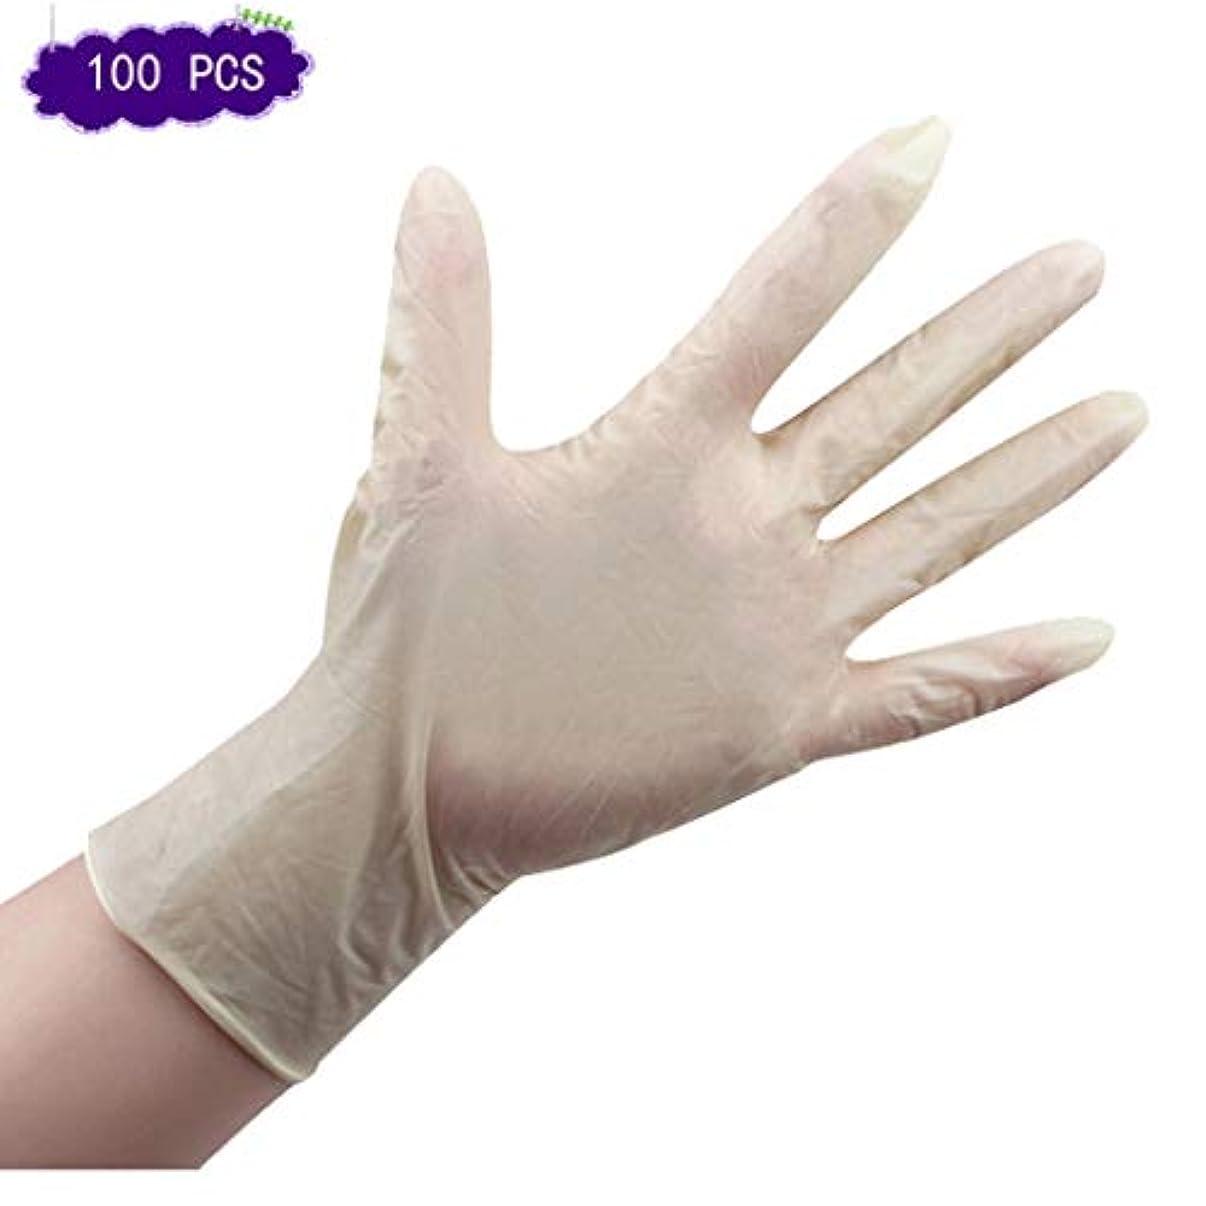 魔術リスクフレキシブル9インチにアンチ油を医療ラテックス検査を厚く使い捨てラテックス手袋パウダーフリーのラテックス手袋9インチのアバタ (Color : 9 inch, Size : L)